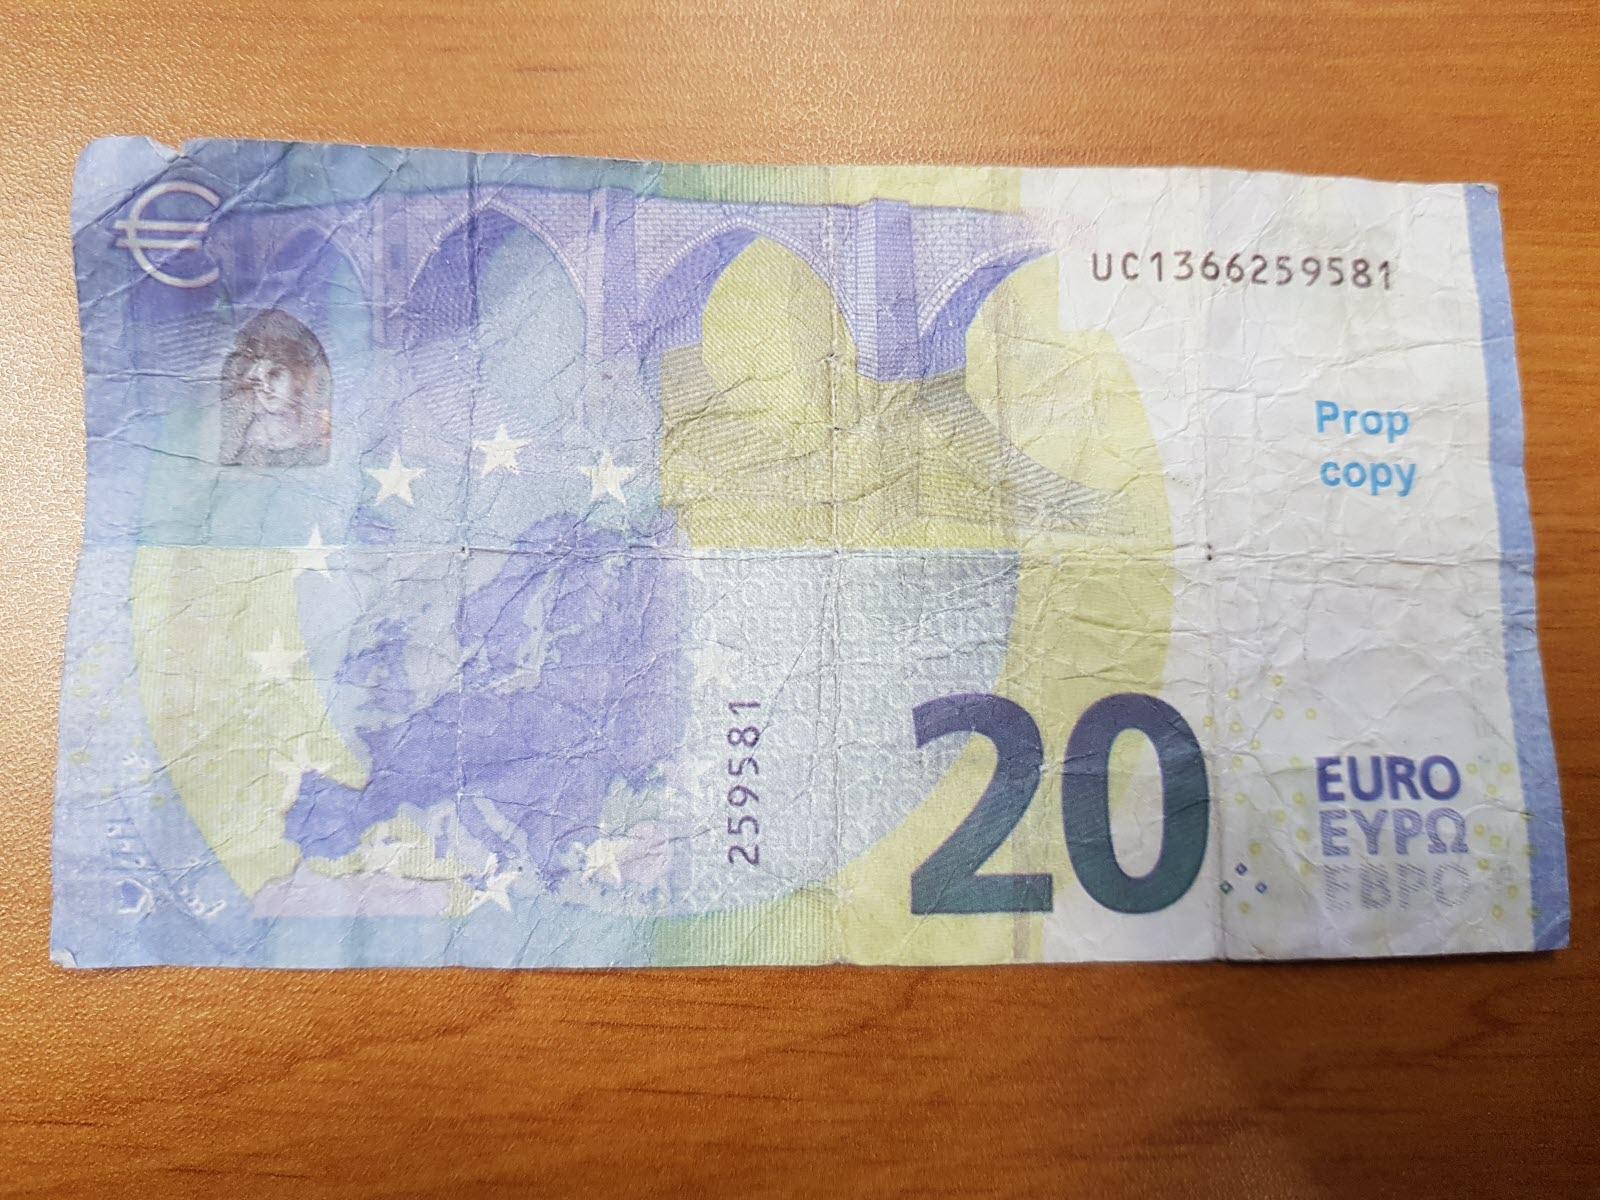 Edition Luneville | Faux Billets En Circulation : La Police intérieur Faux Billet A Imprimer